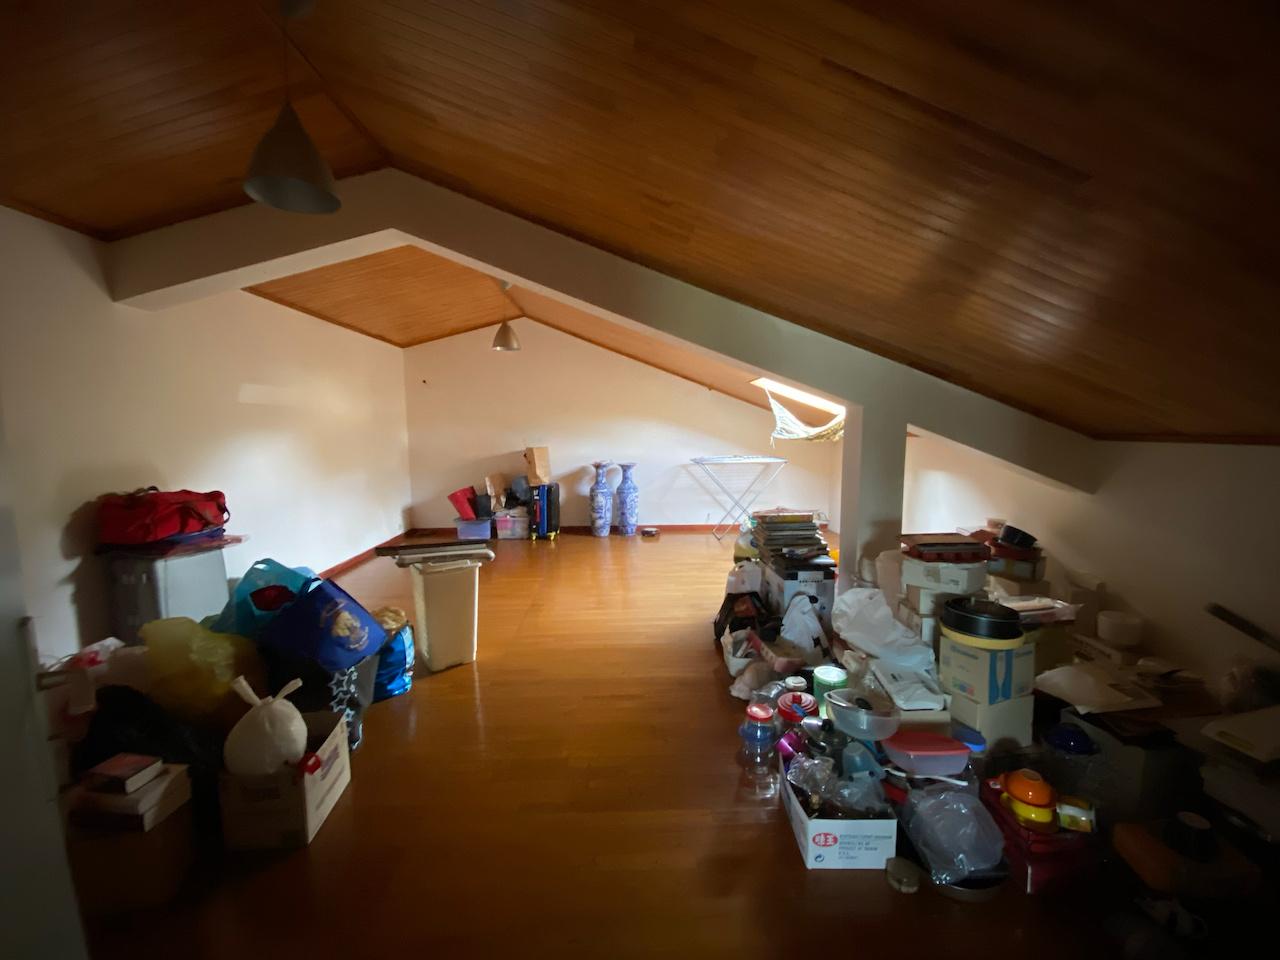 Grande pièce située sur la mezzanine